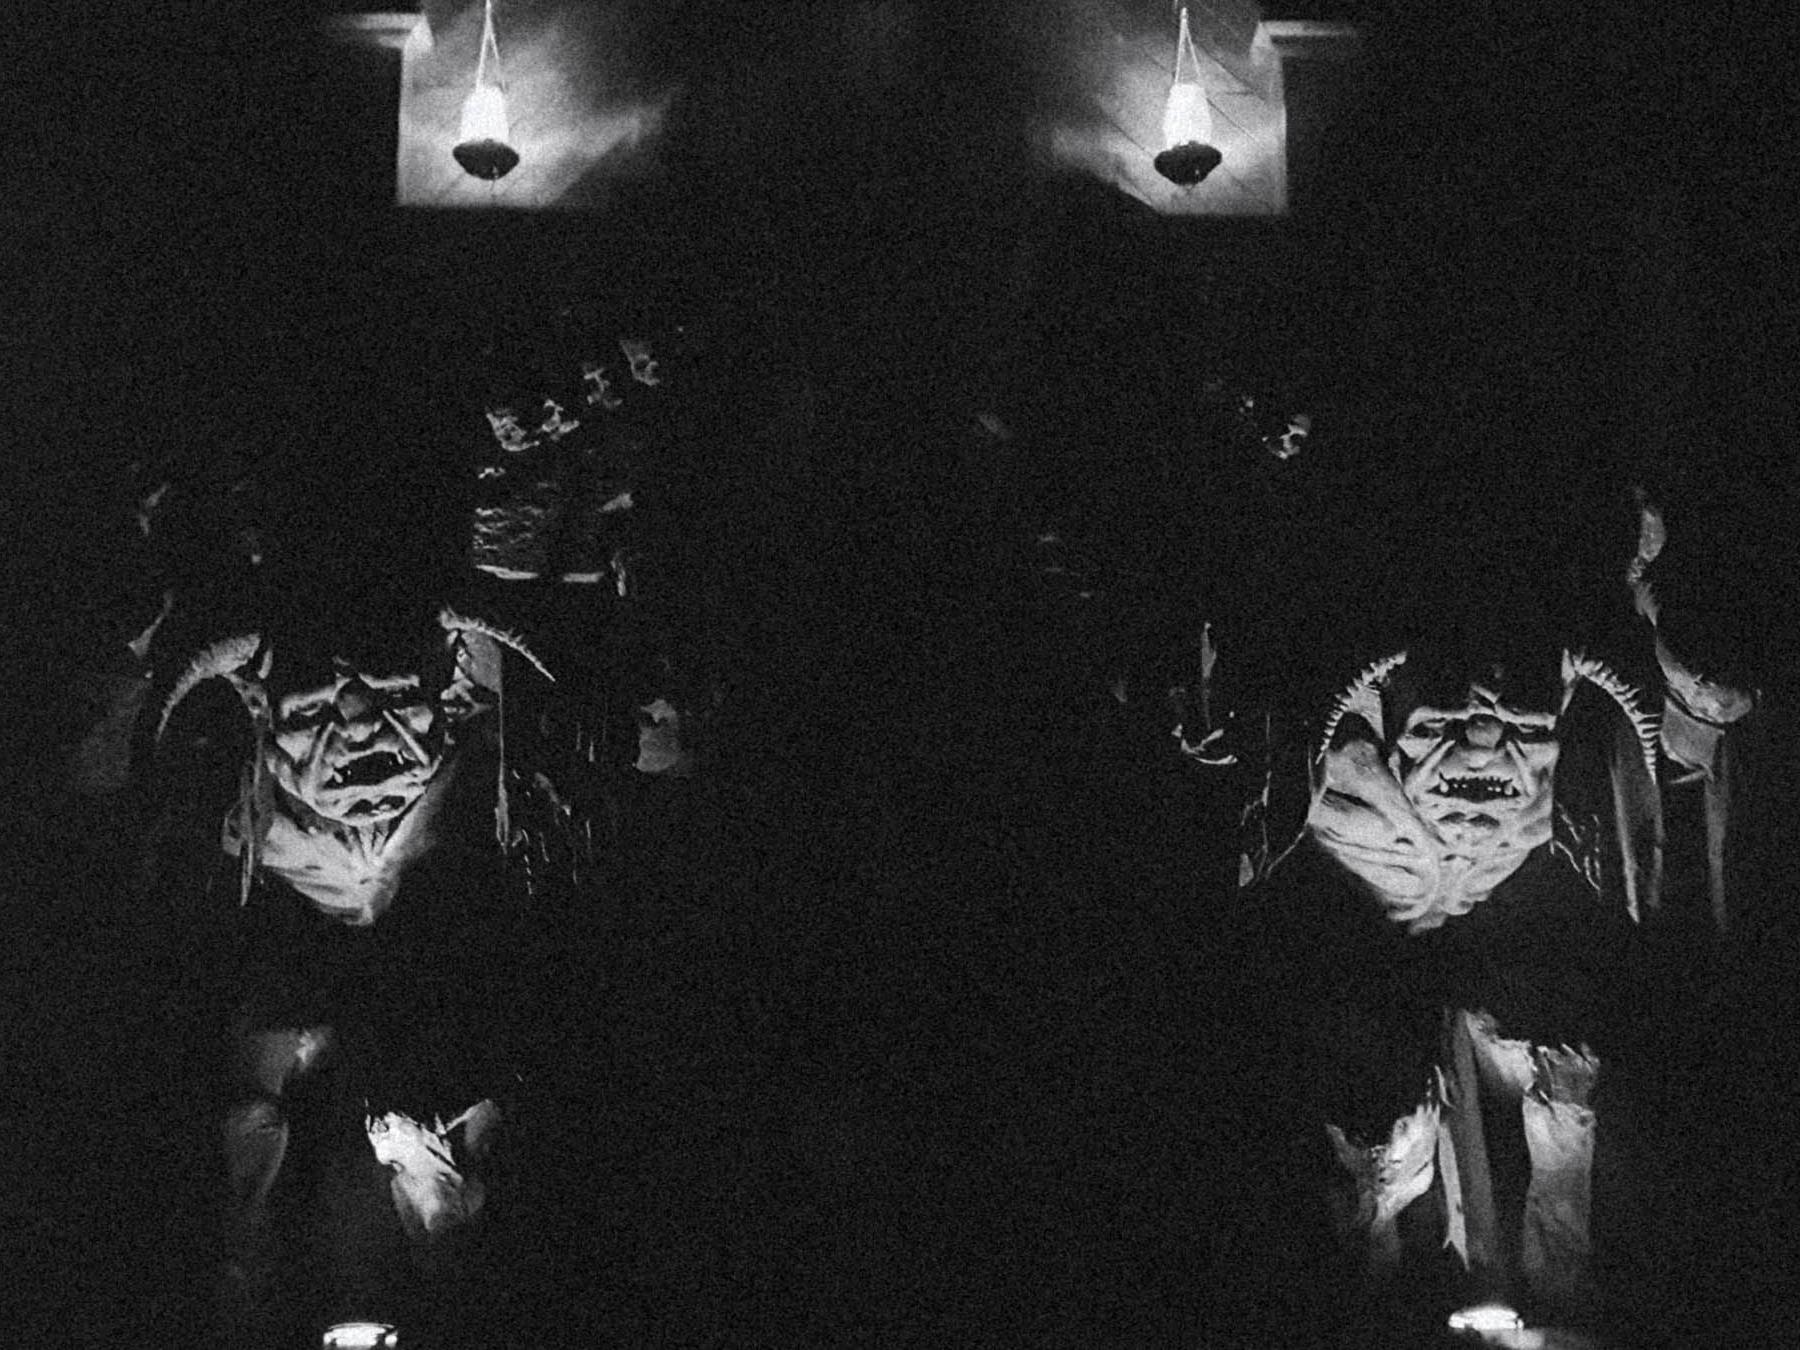 HauntedHouse-1.jpg